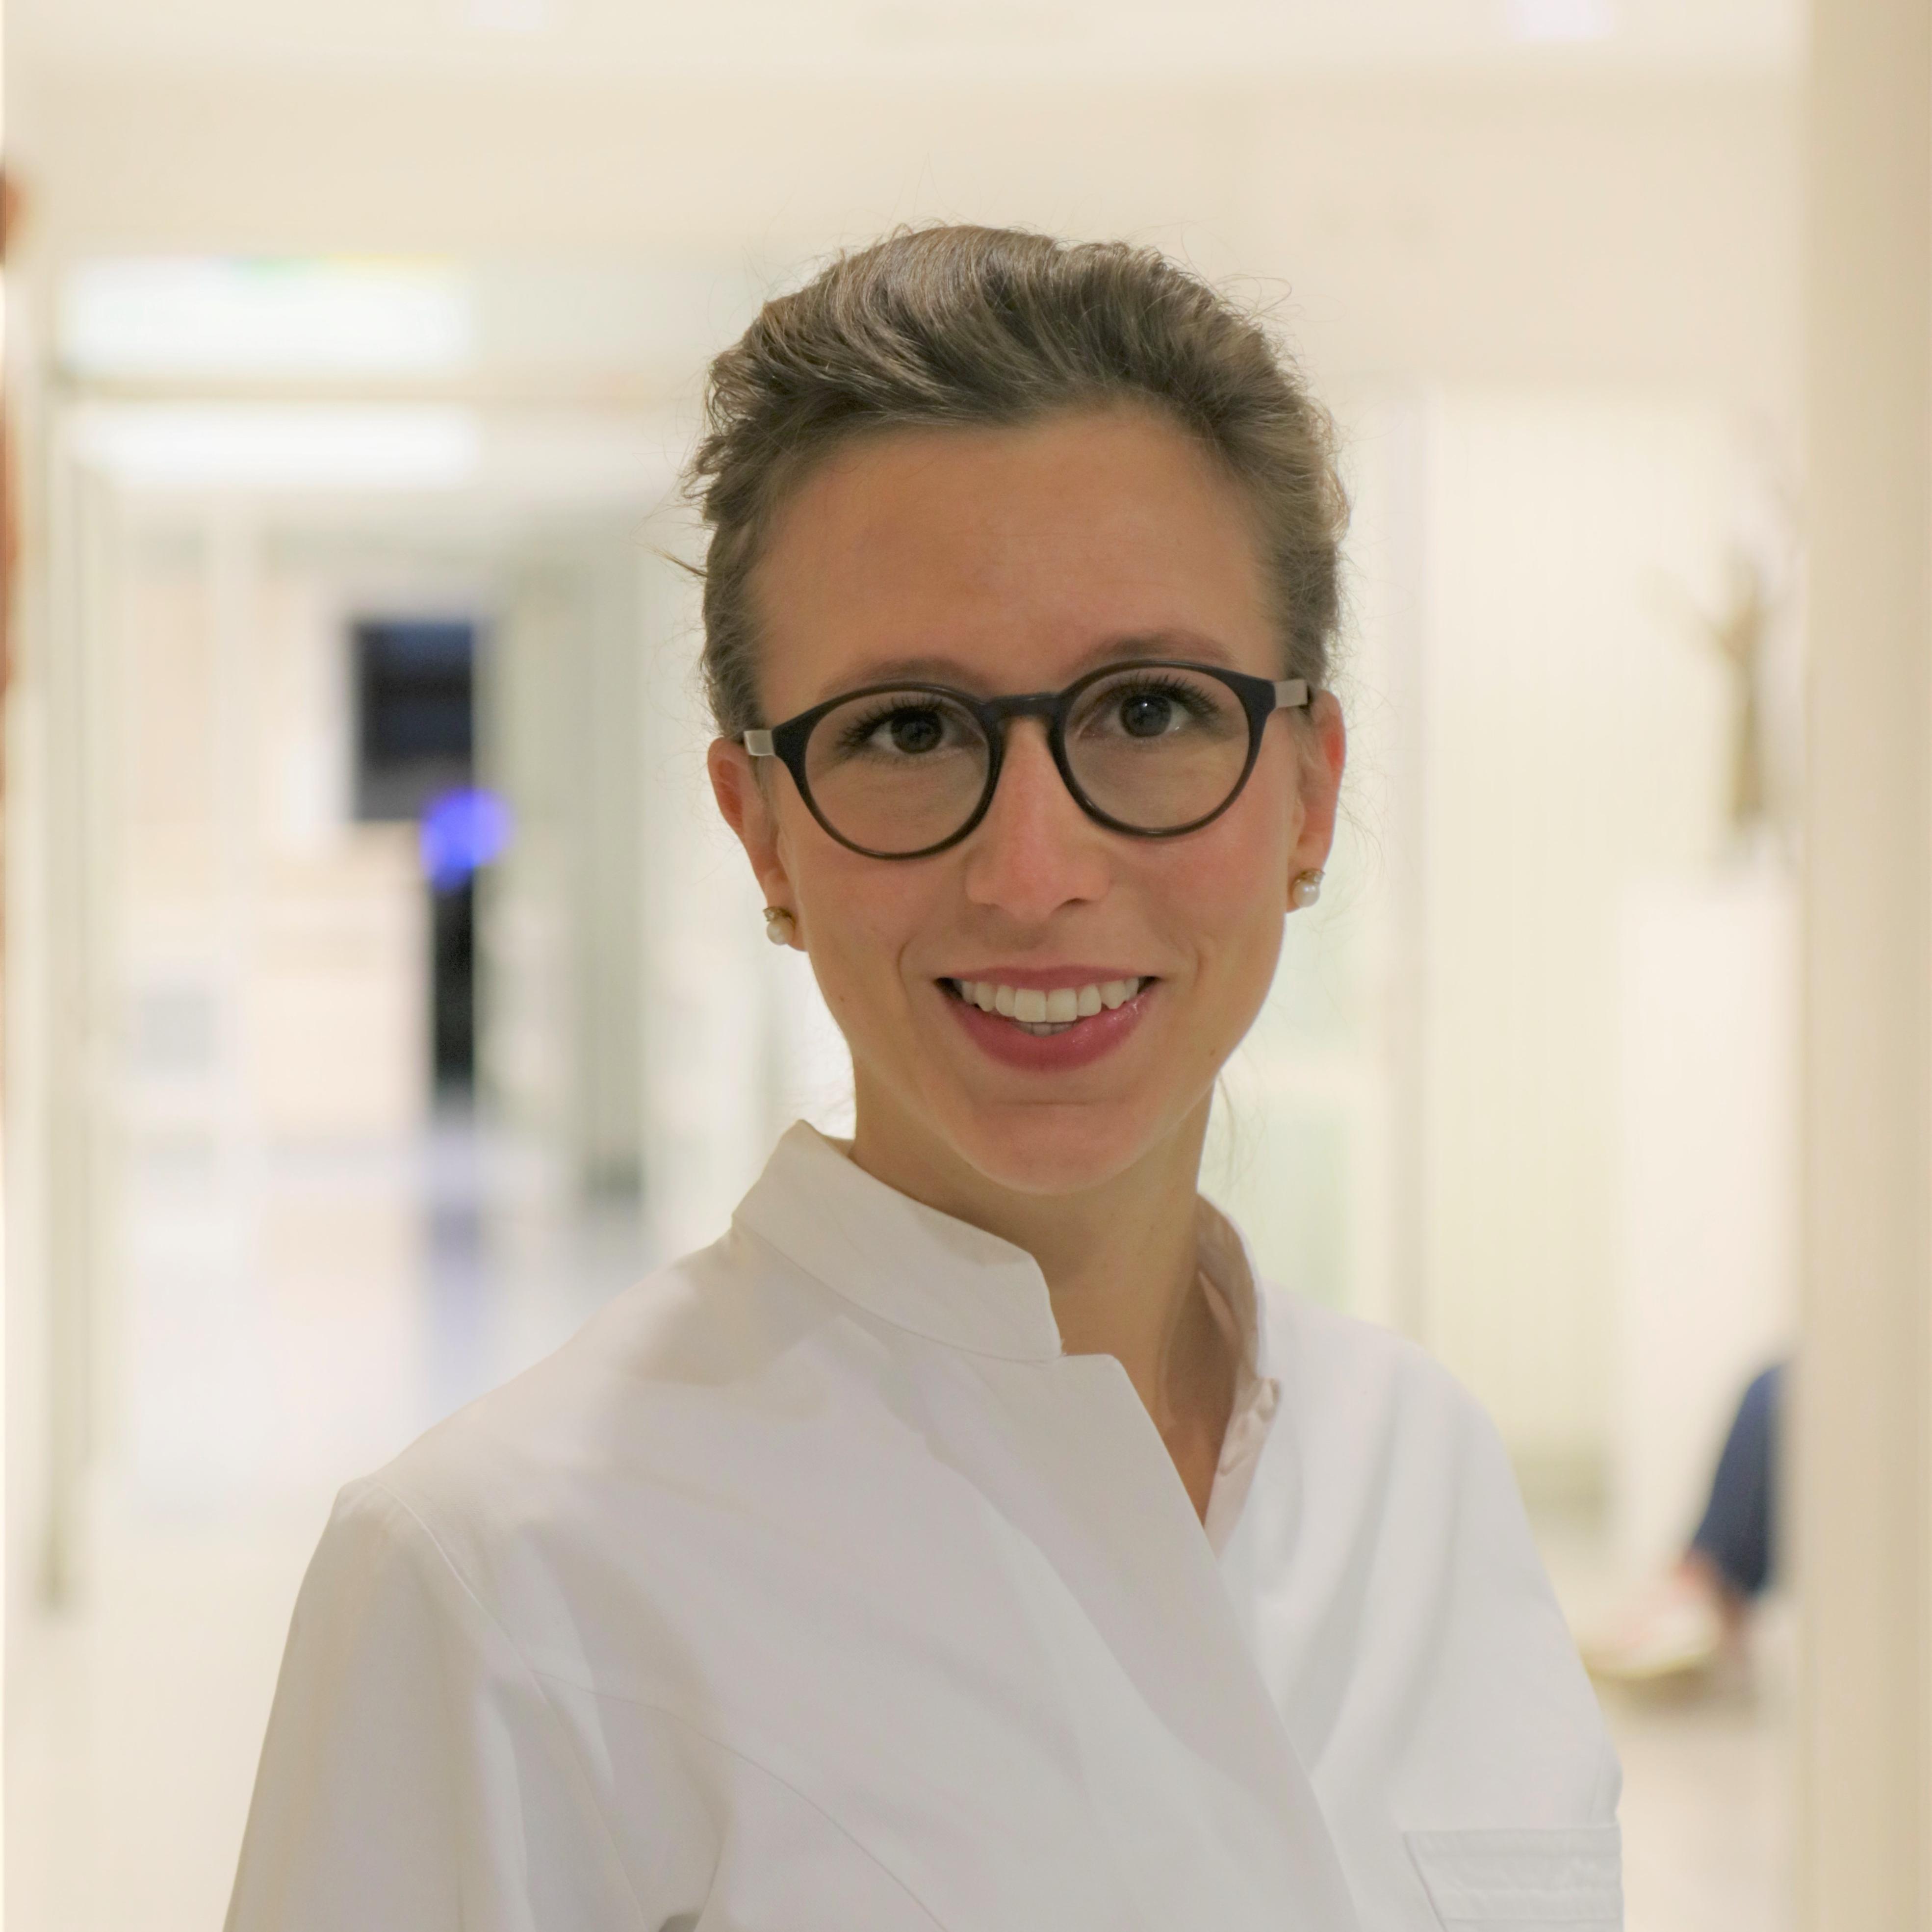 Dr. Diana Vossen